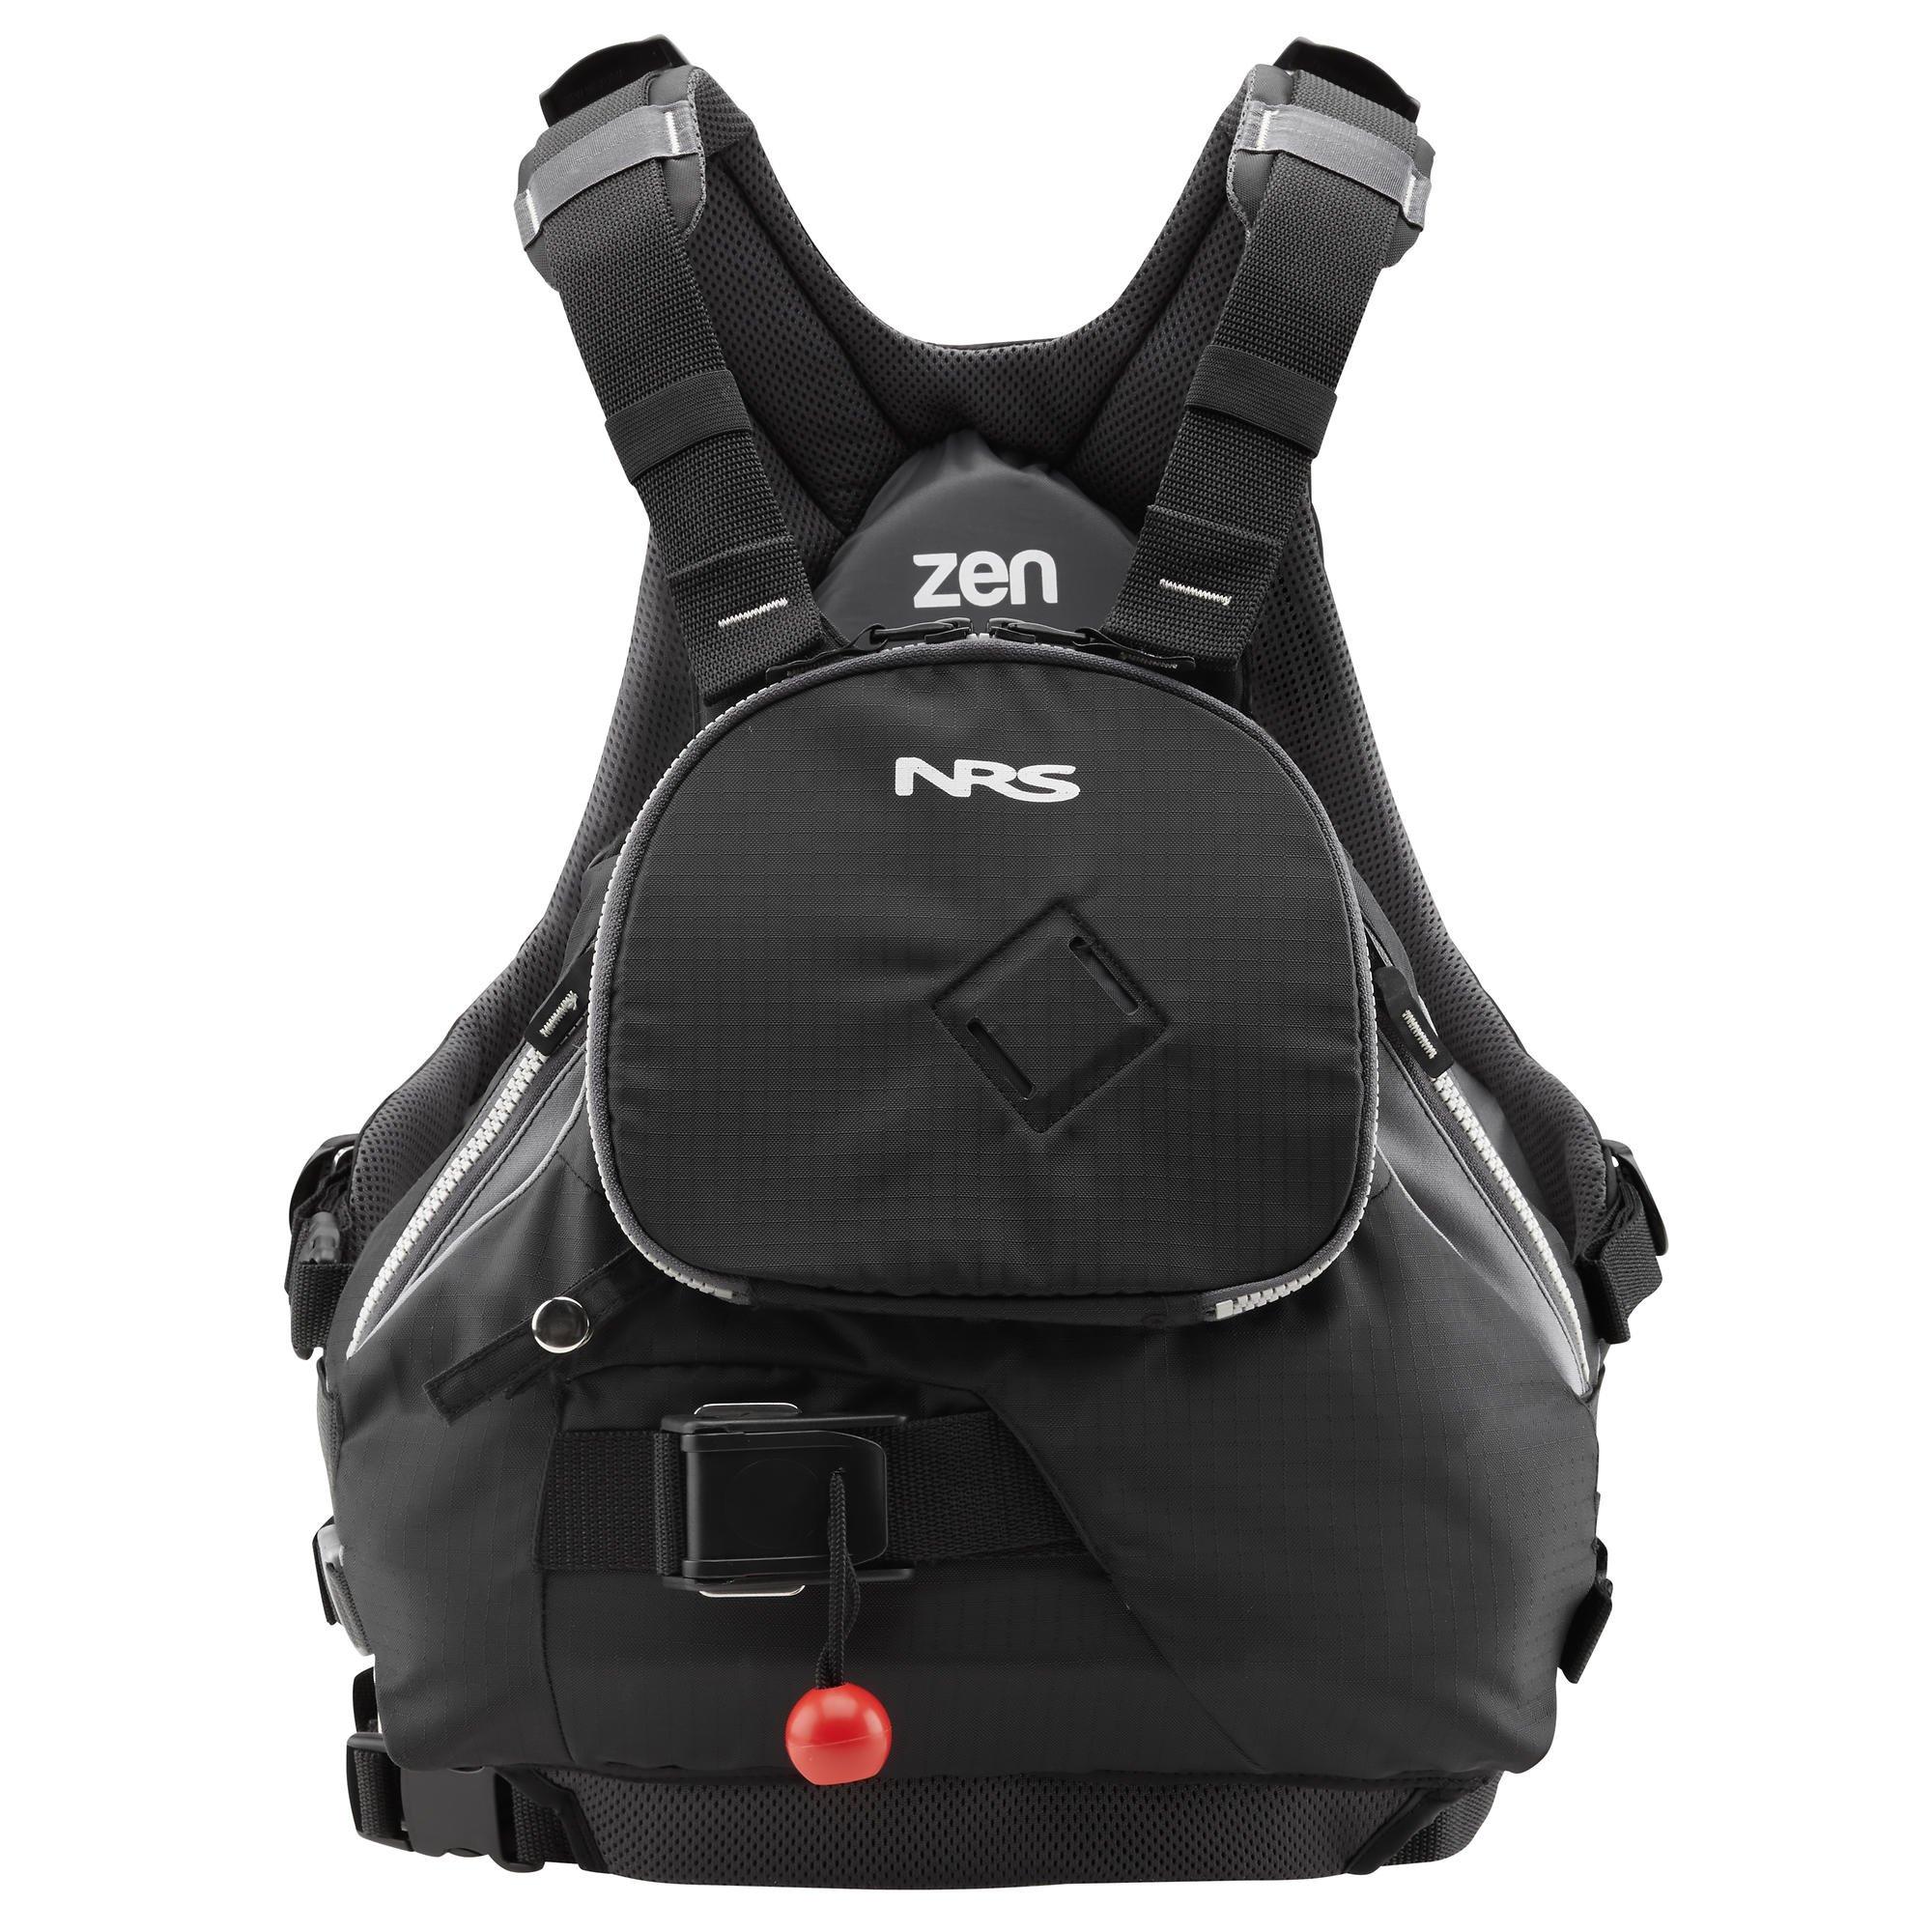 NRS Zen Lifejacket (PFD)-Black-L/XL by NRS